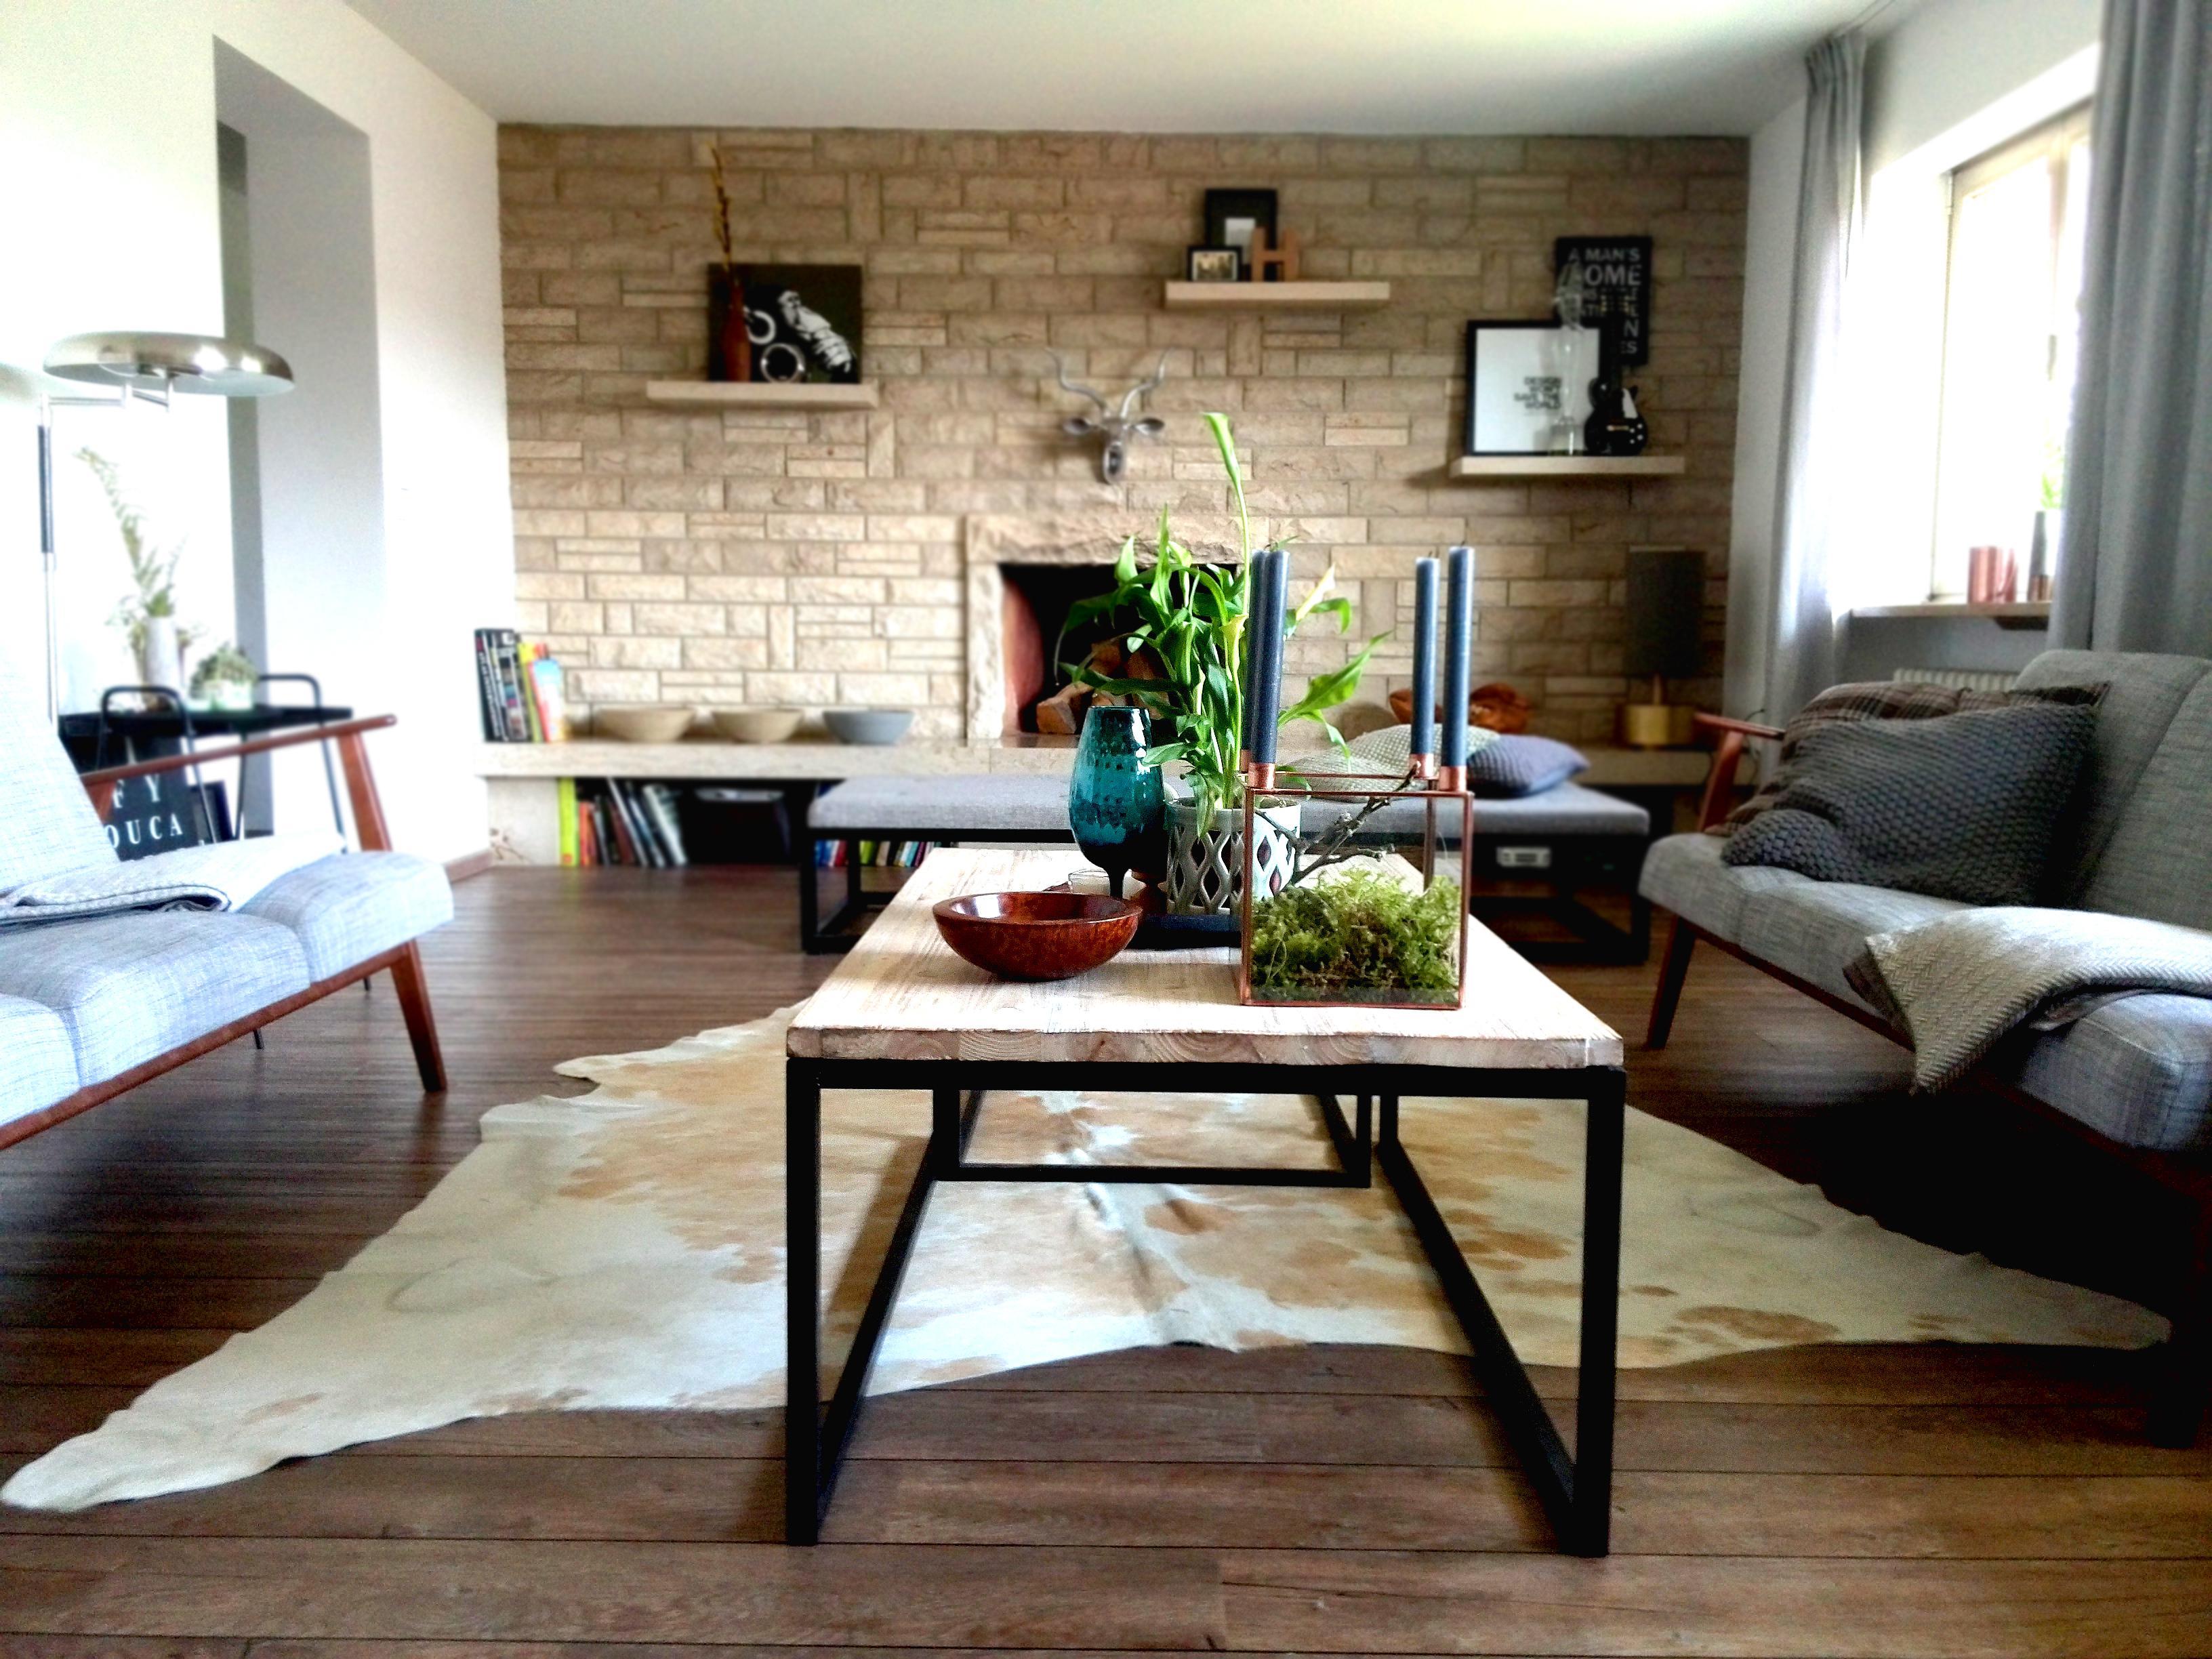 Wohnzimmer planen bilder ideen couchstyle for Wohnzimmer planen